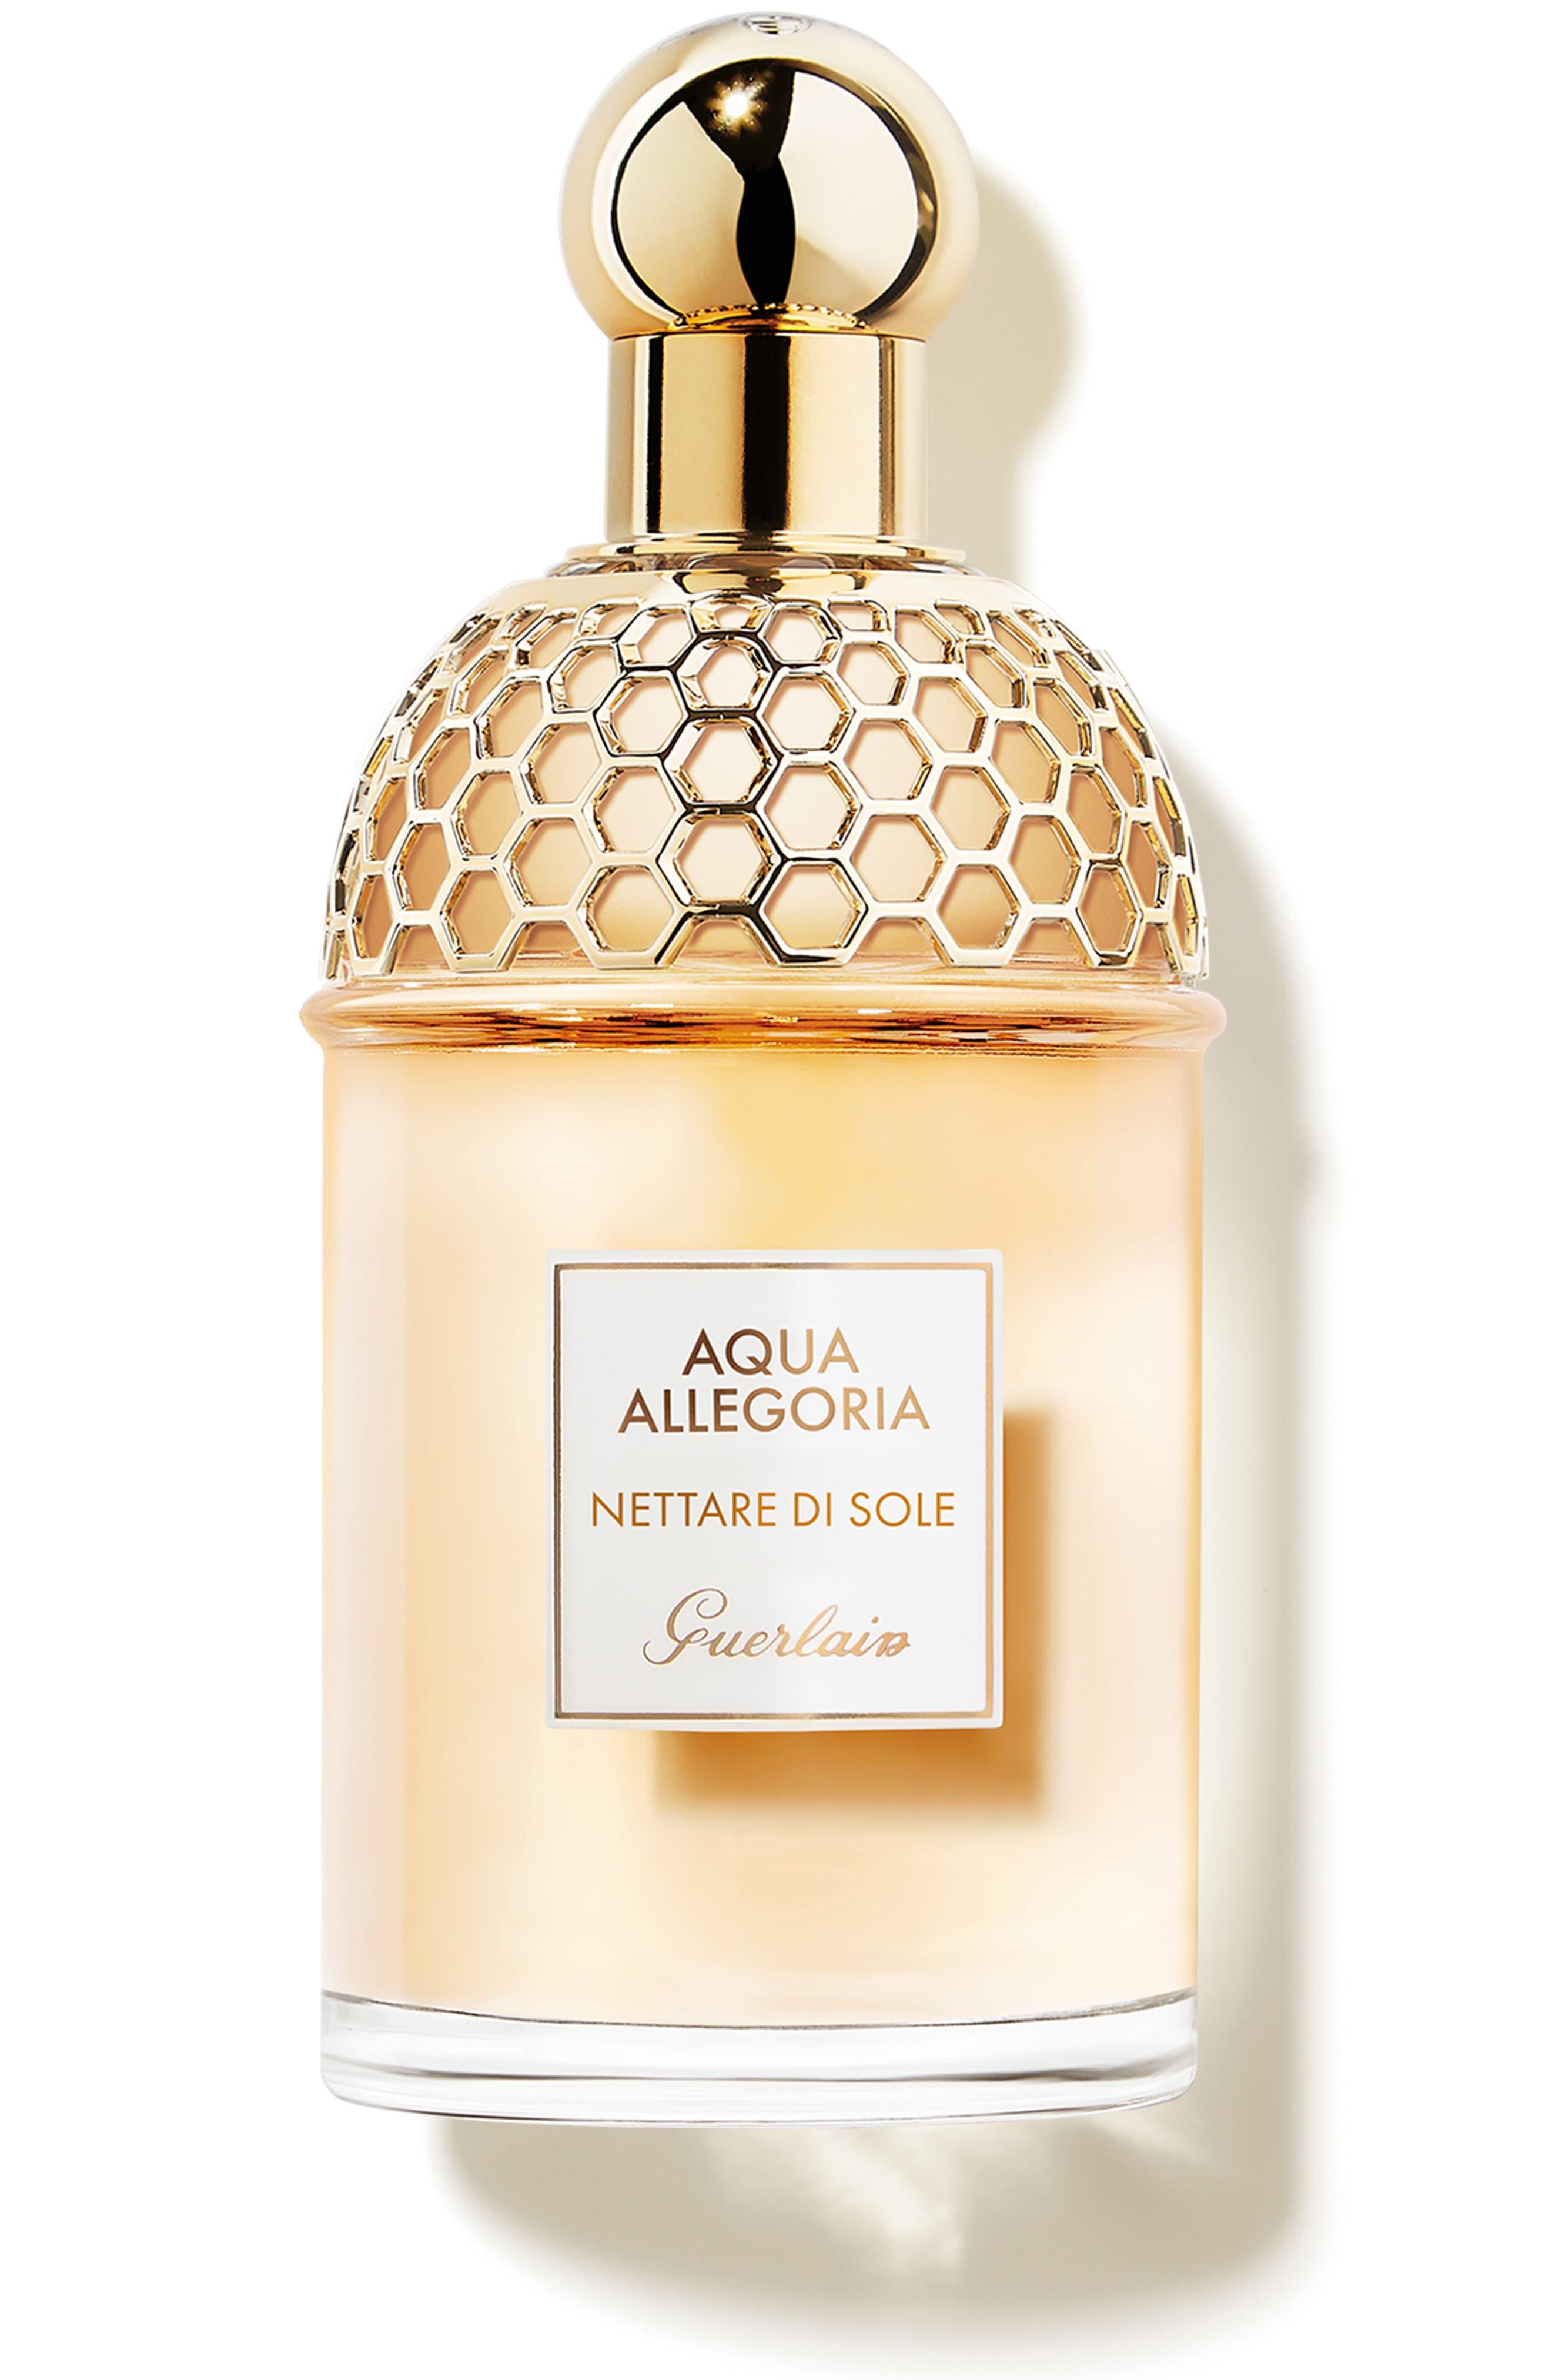 Aqua Allegoria Nettare Di Sole Eau De Toilette